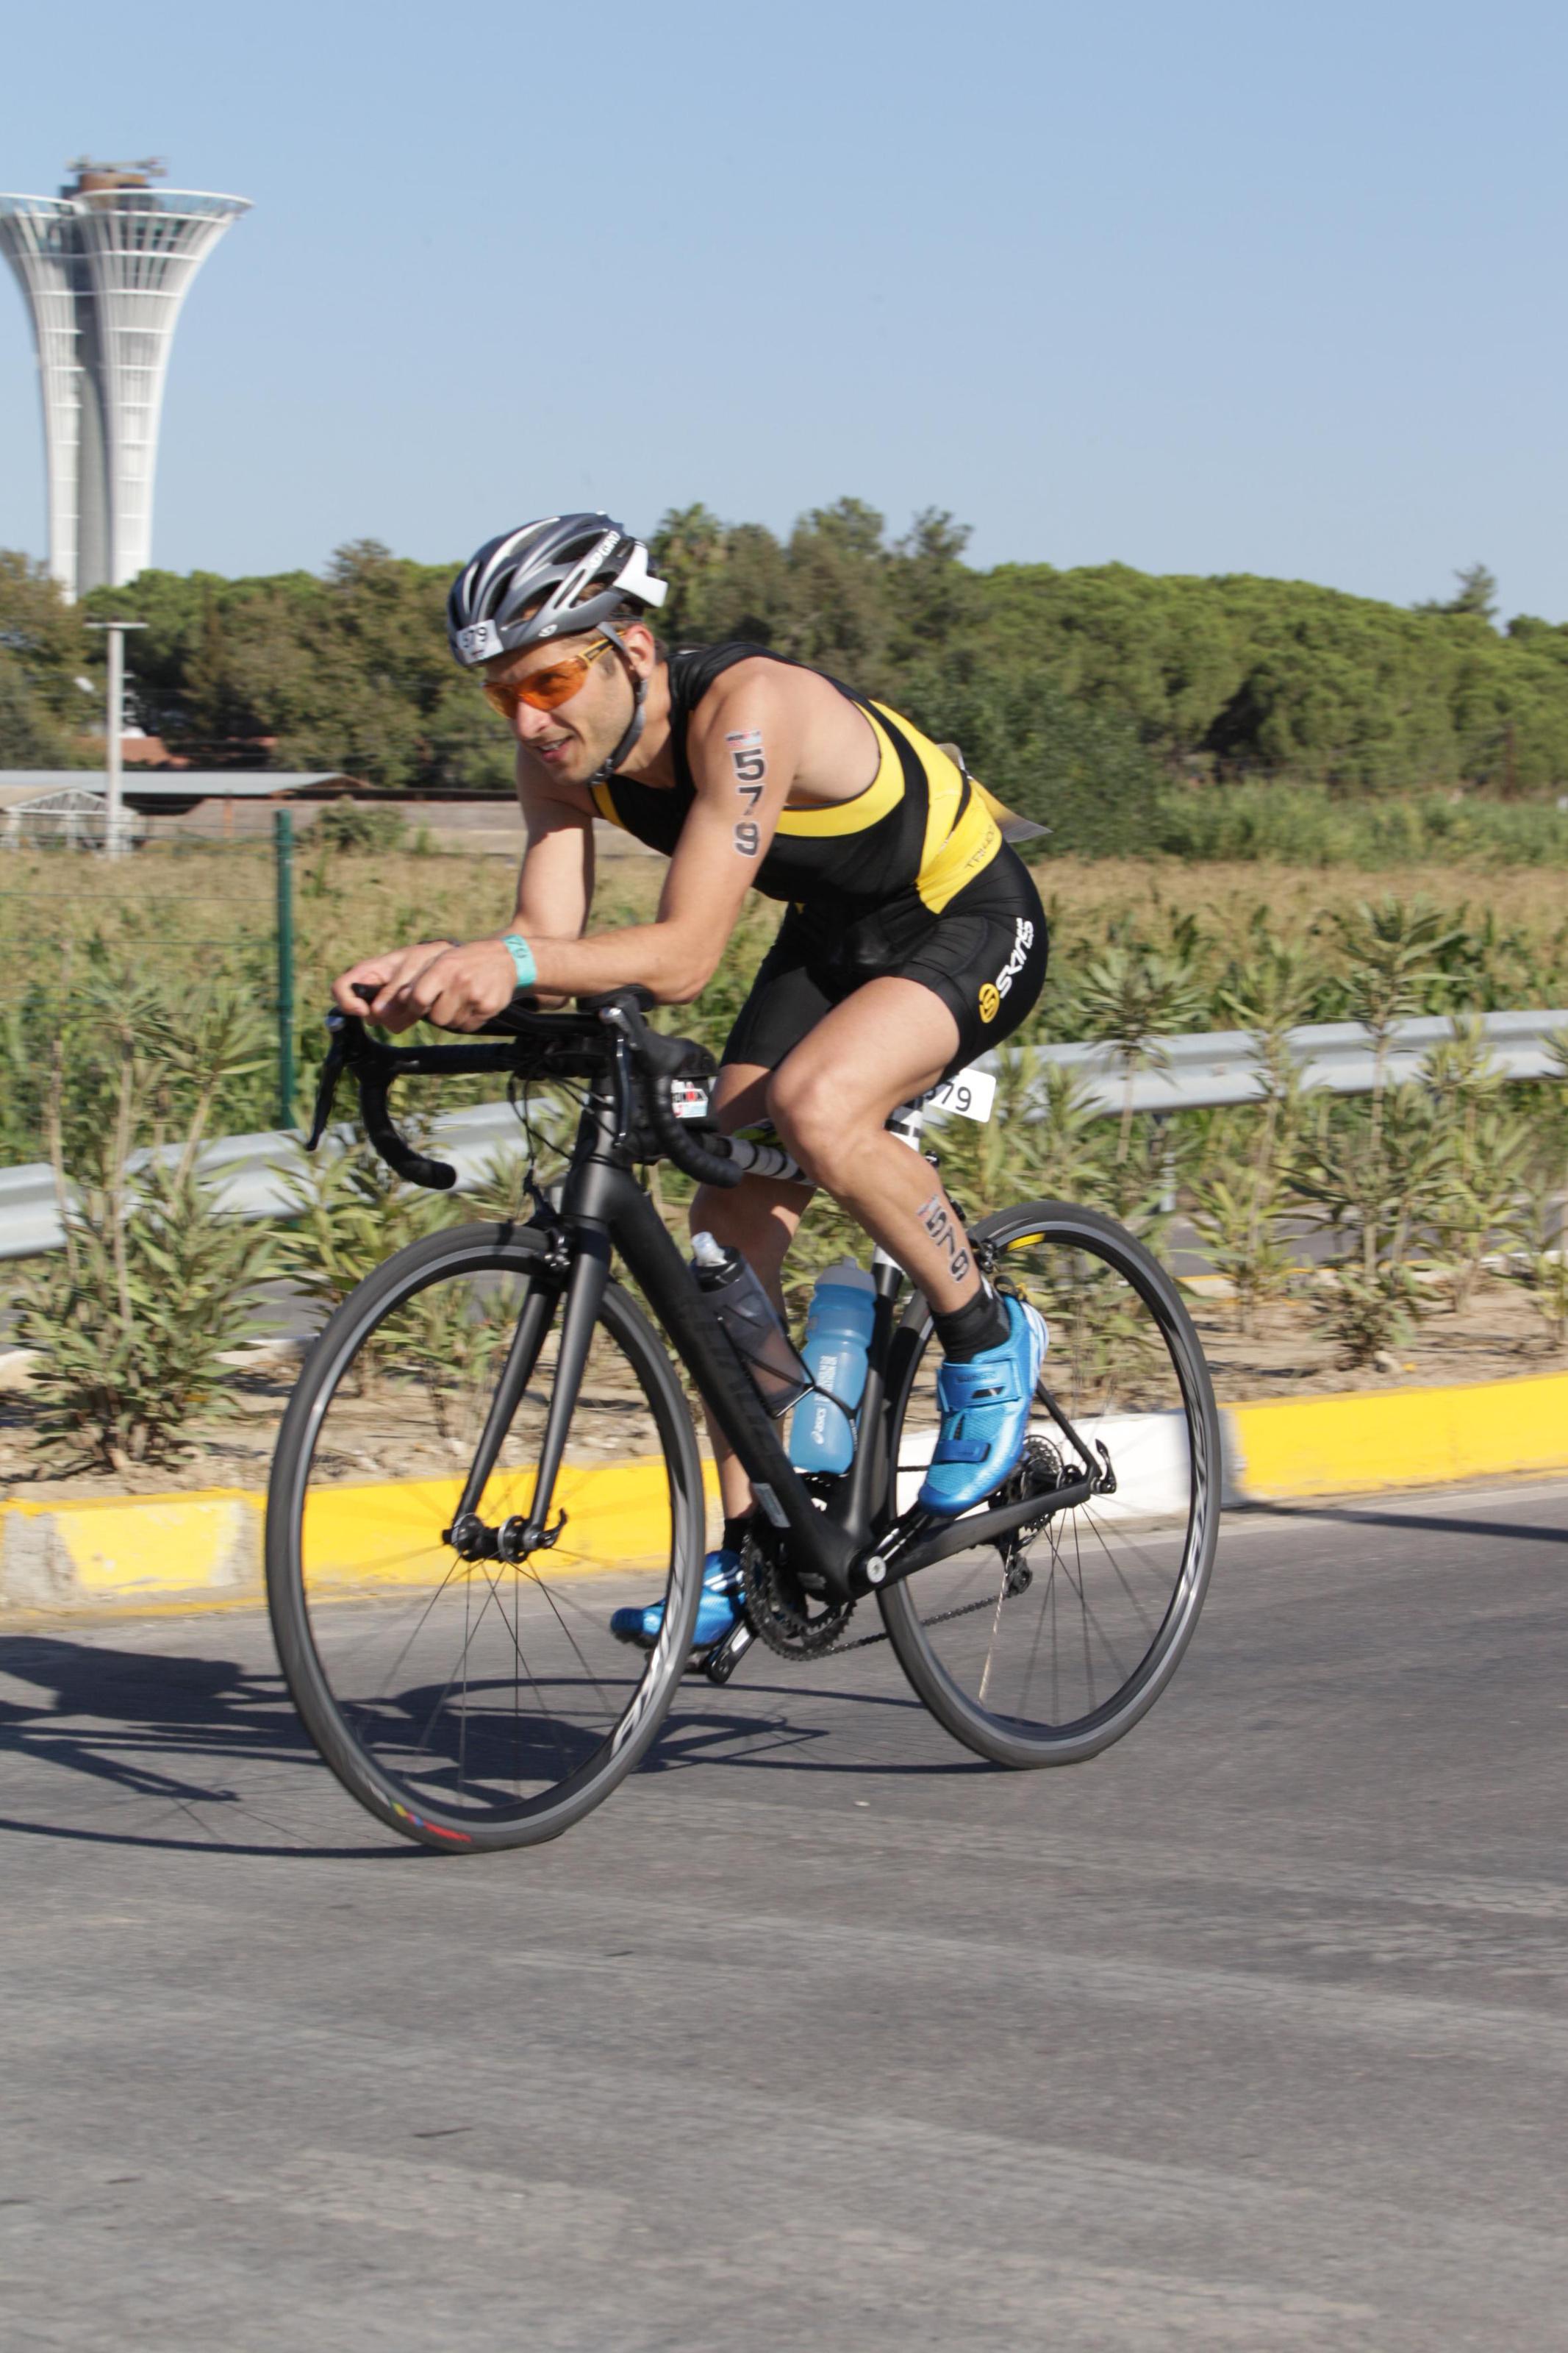 Велоэтап соревнований Ironman 70.3 Turkey